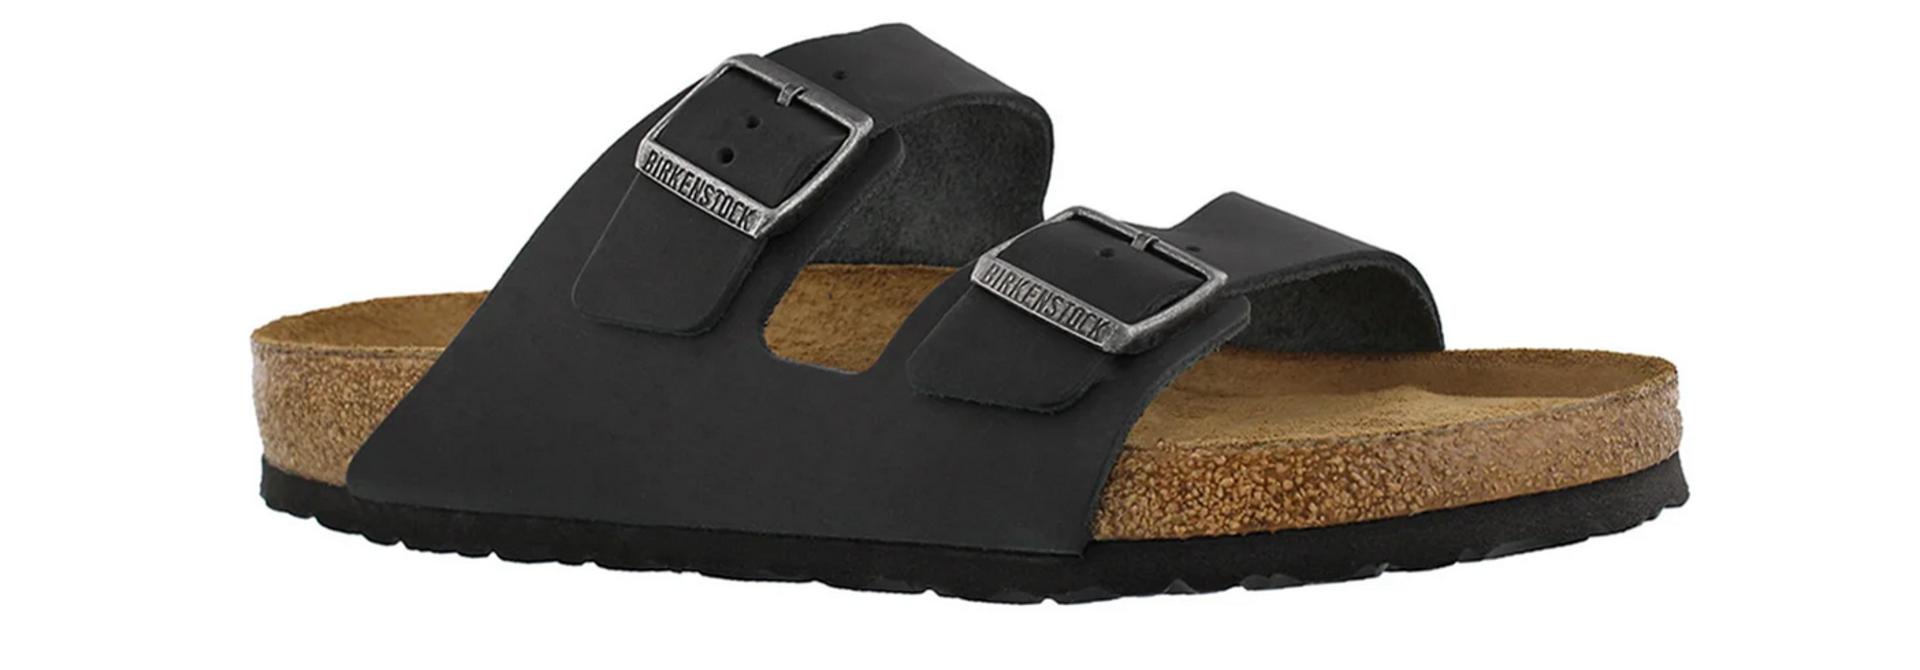 Arizona Soft Footbed Natural Black